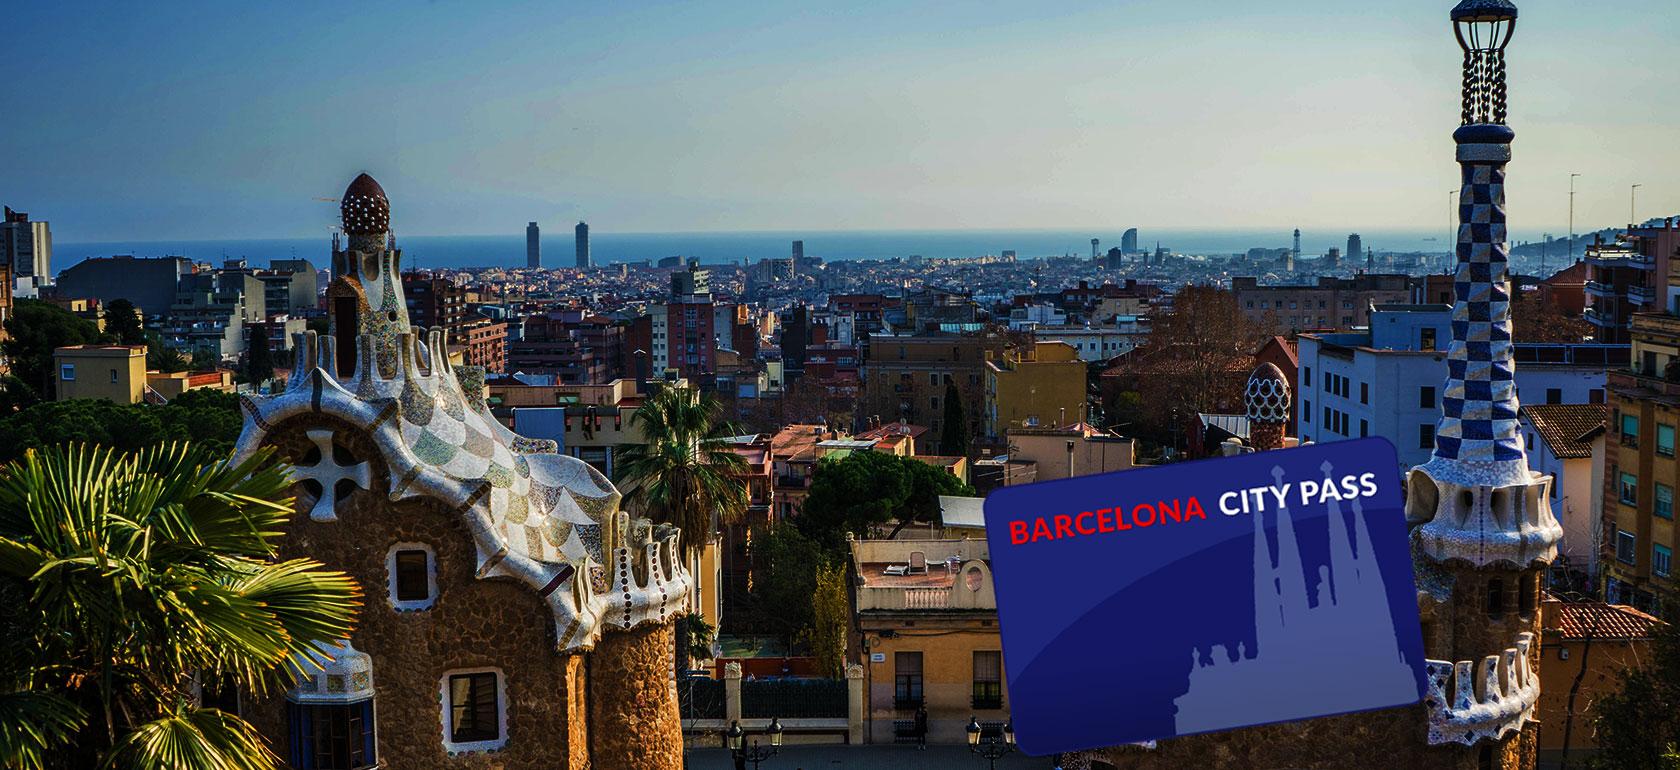 Barcelona City Pass Inclut La Visite De Sagrada Famlia En Franais L